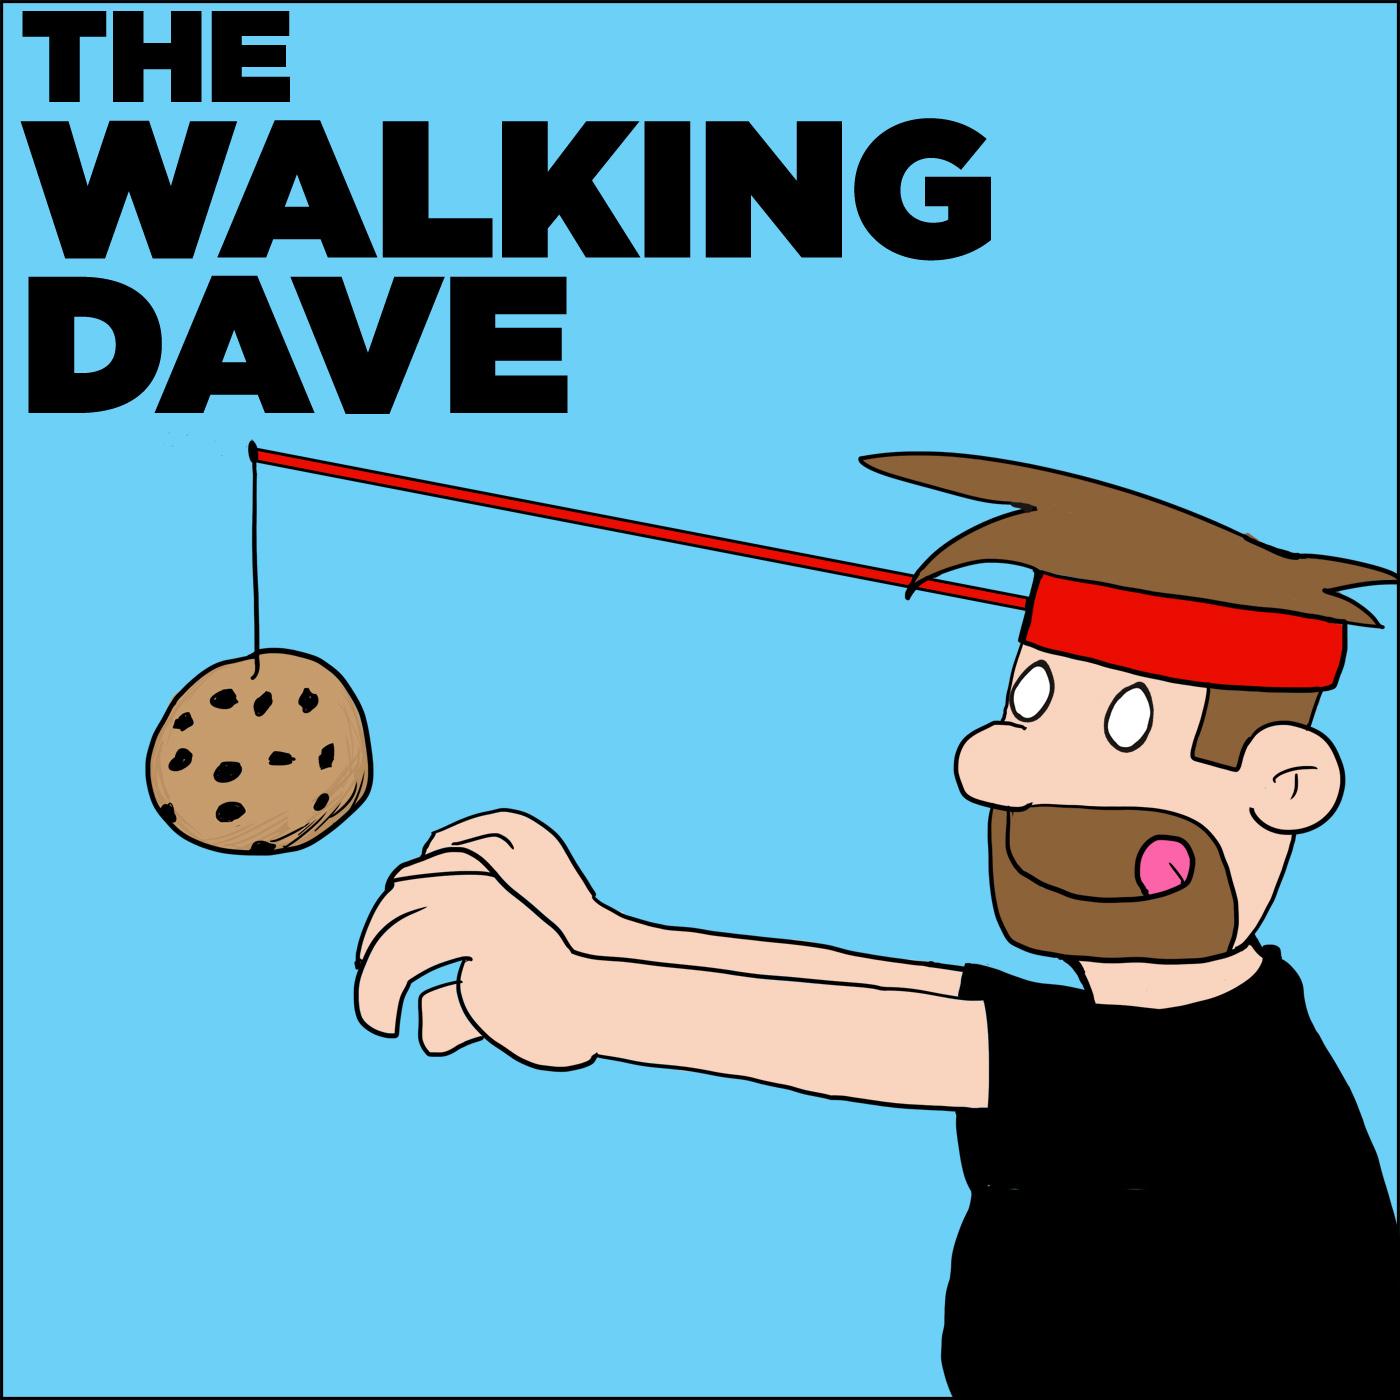 thewalkingdave1400-podcast-logo